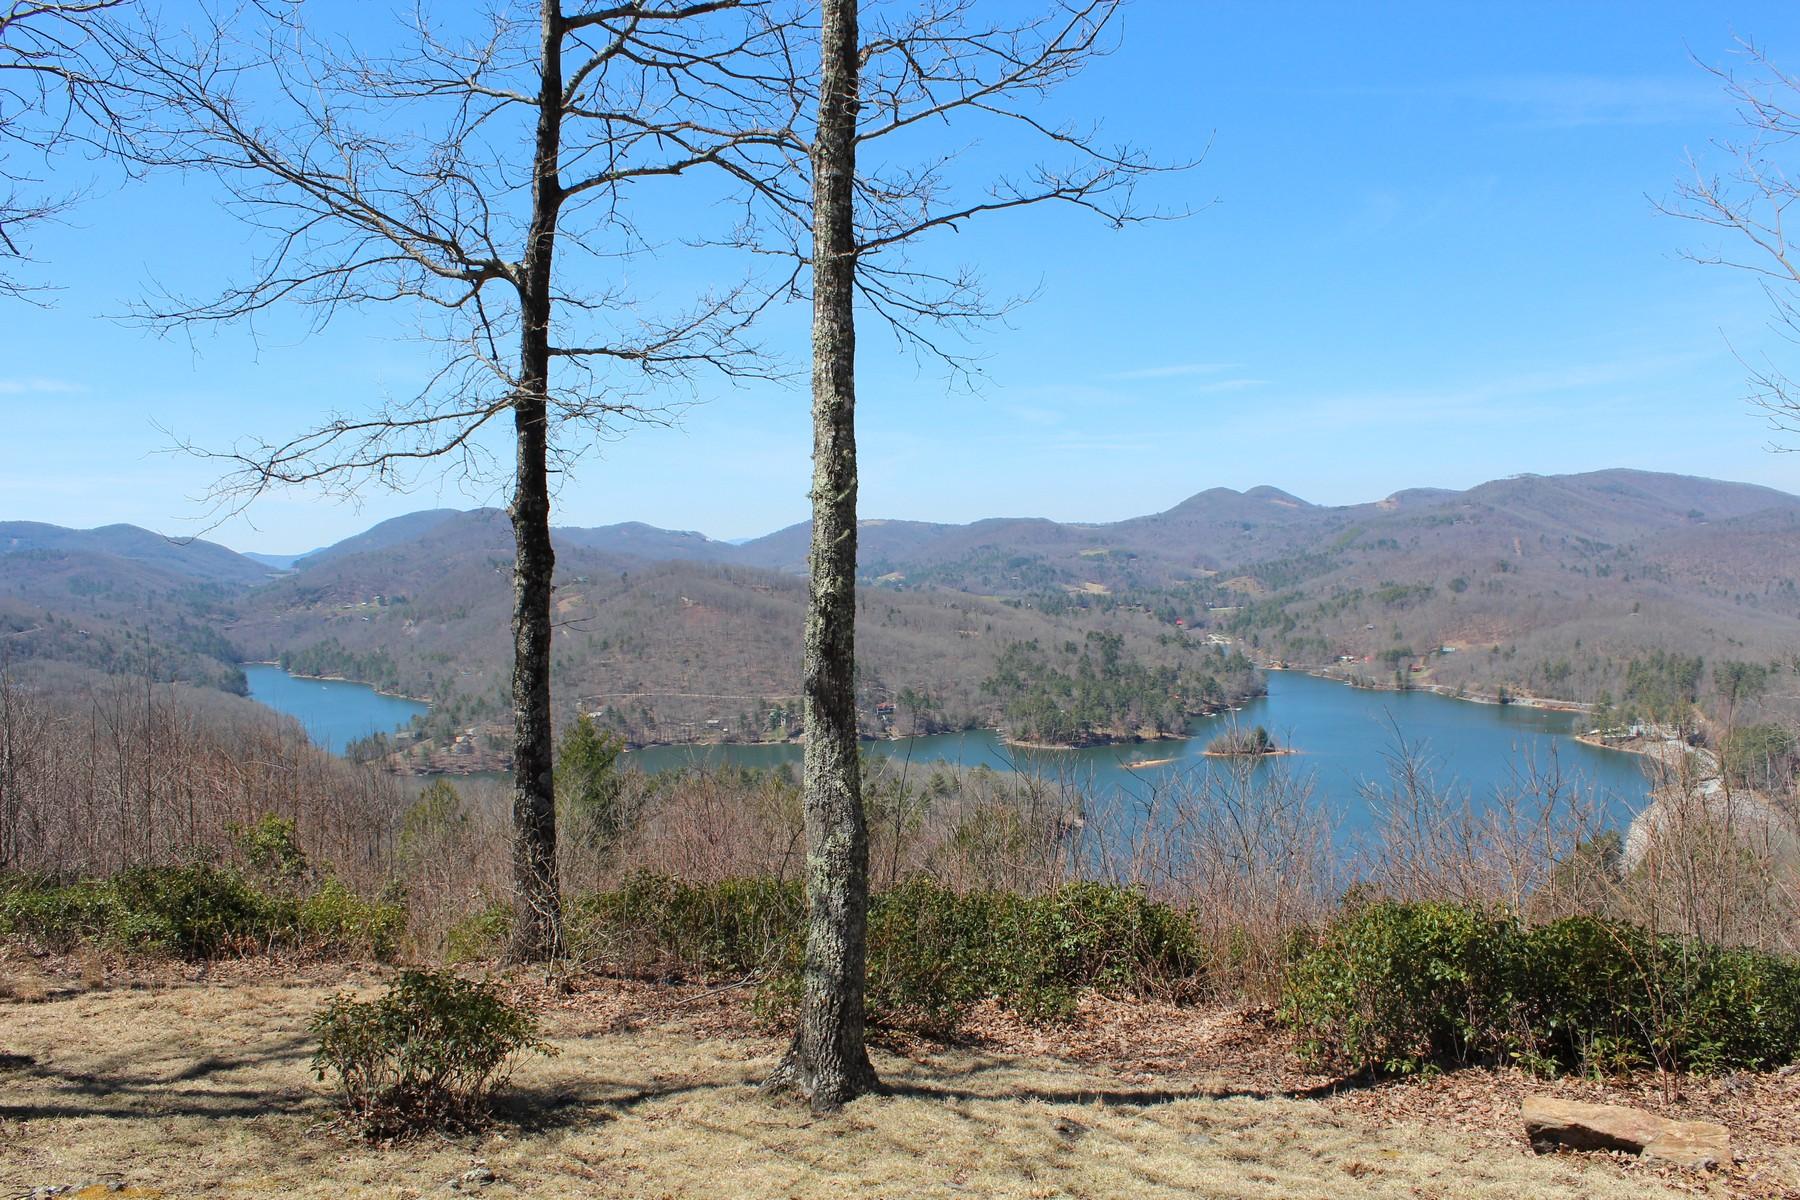 Terreno por un Venta en Shoal Mountain Lot TBA N Lake Vista Drive, Glenville, Carolina Del Norte 28736 Estados Unidos